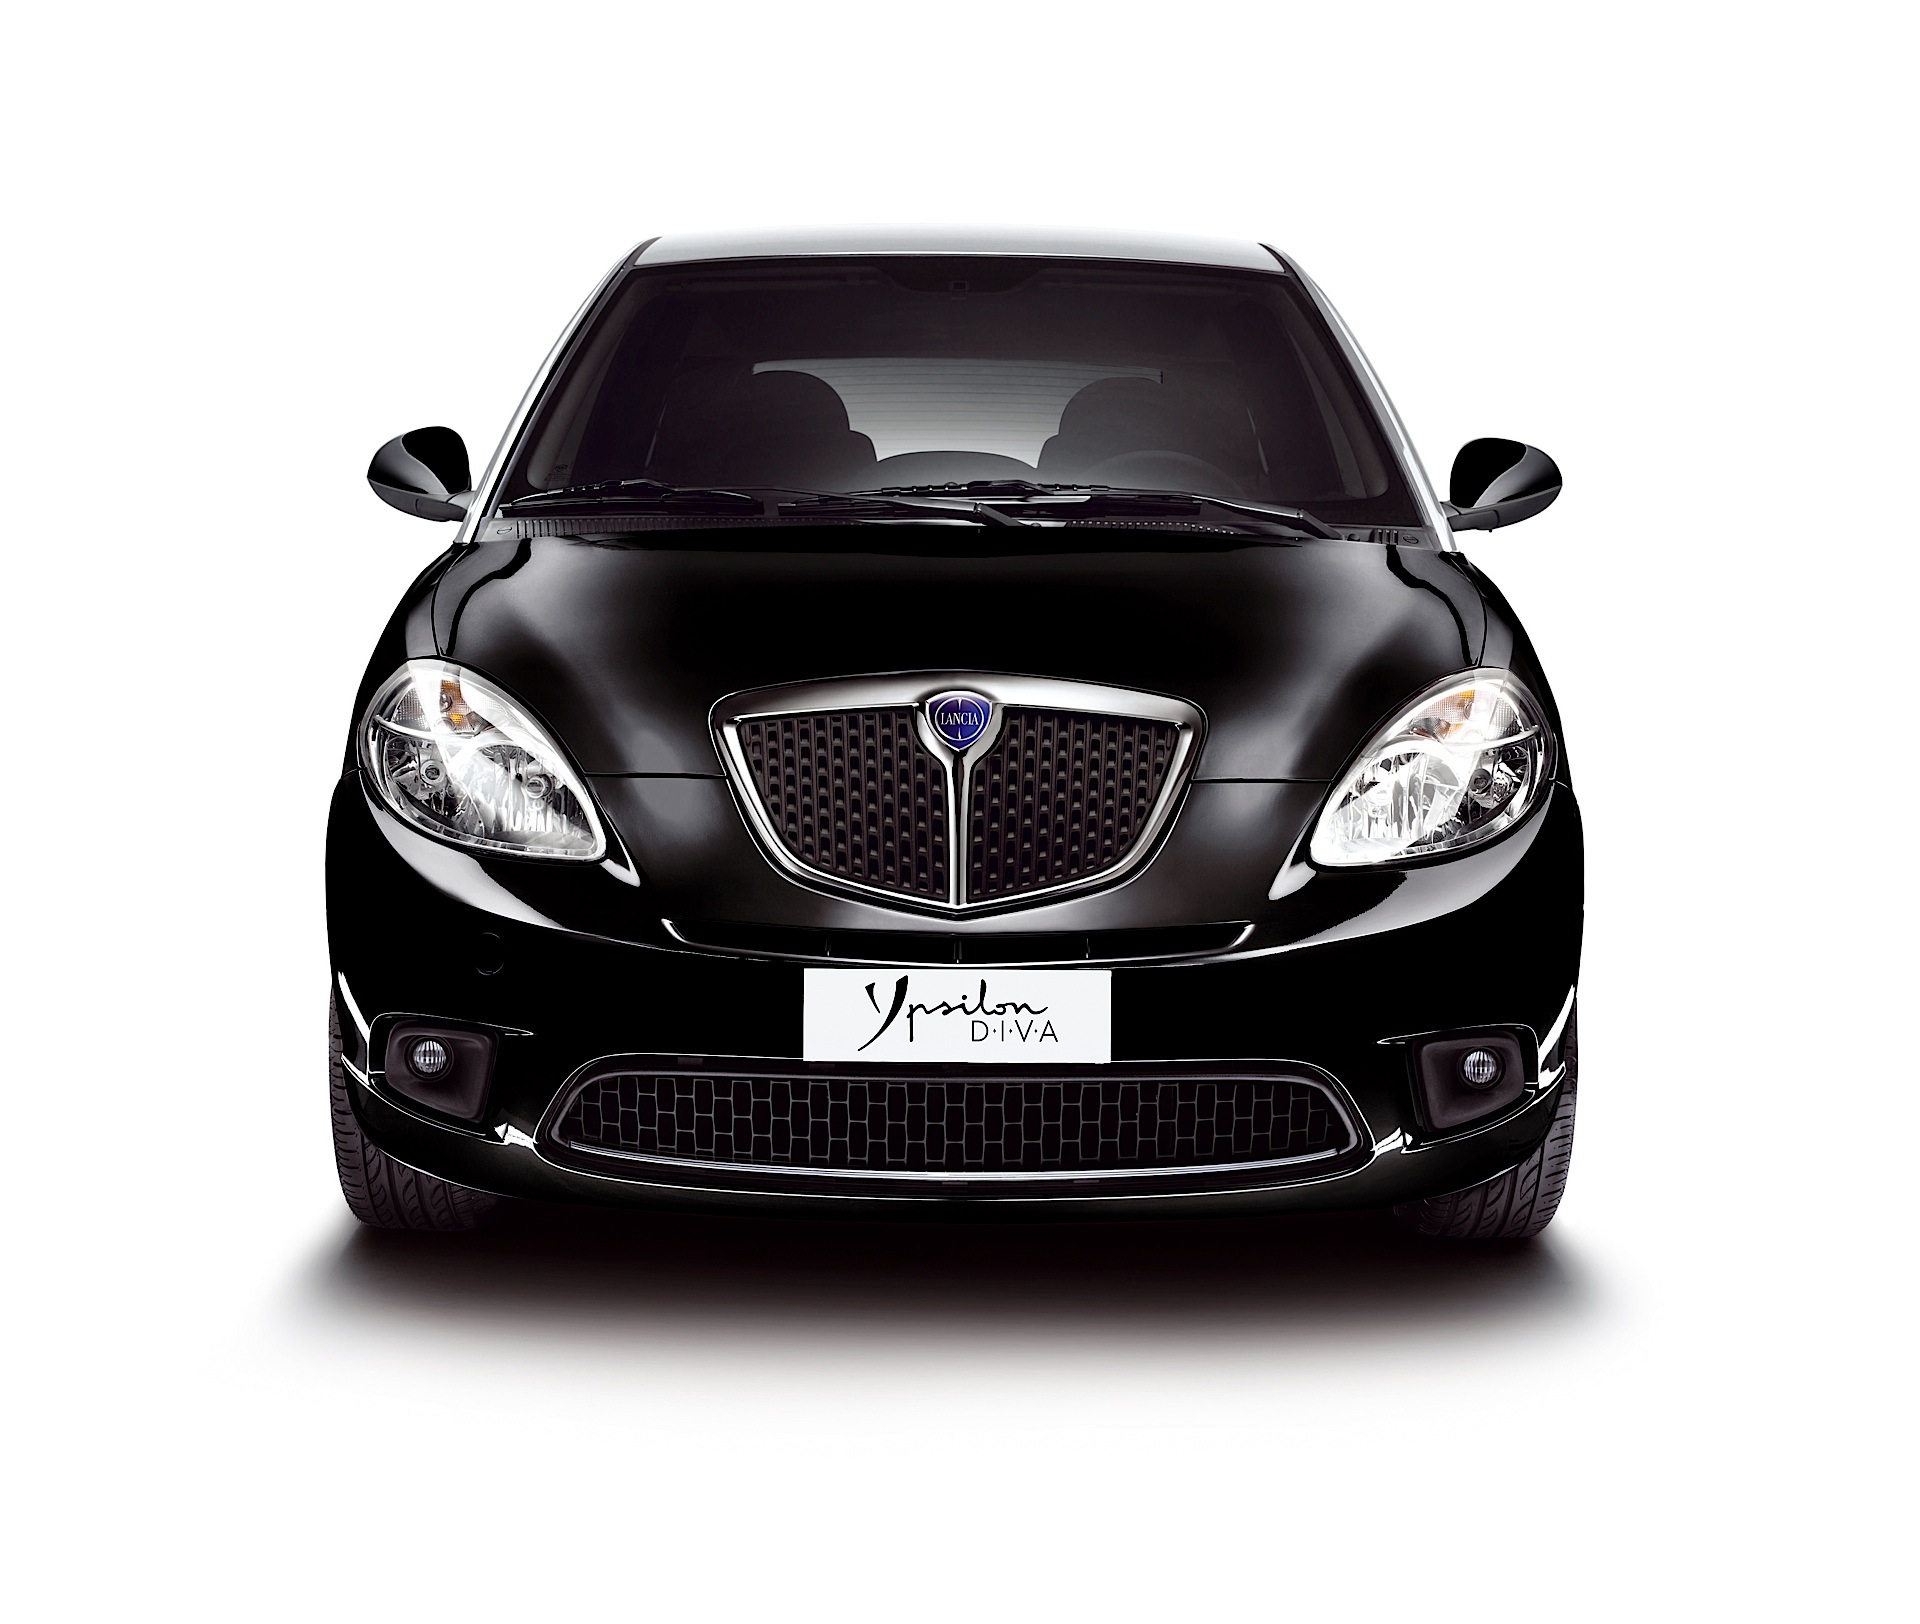 Lancia Ypsilon For Sale: LANCIA Ypsilon Unyca Specs & Photos